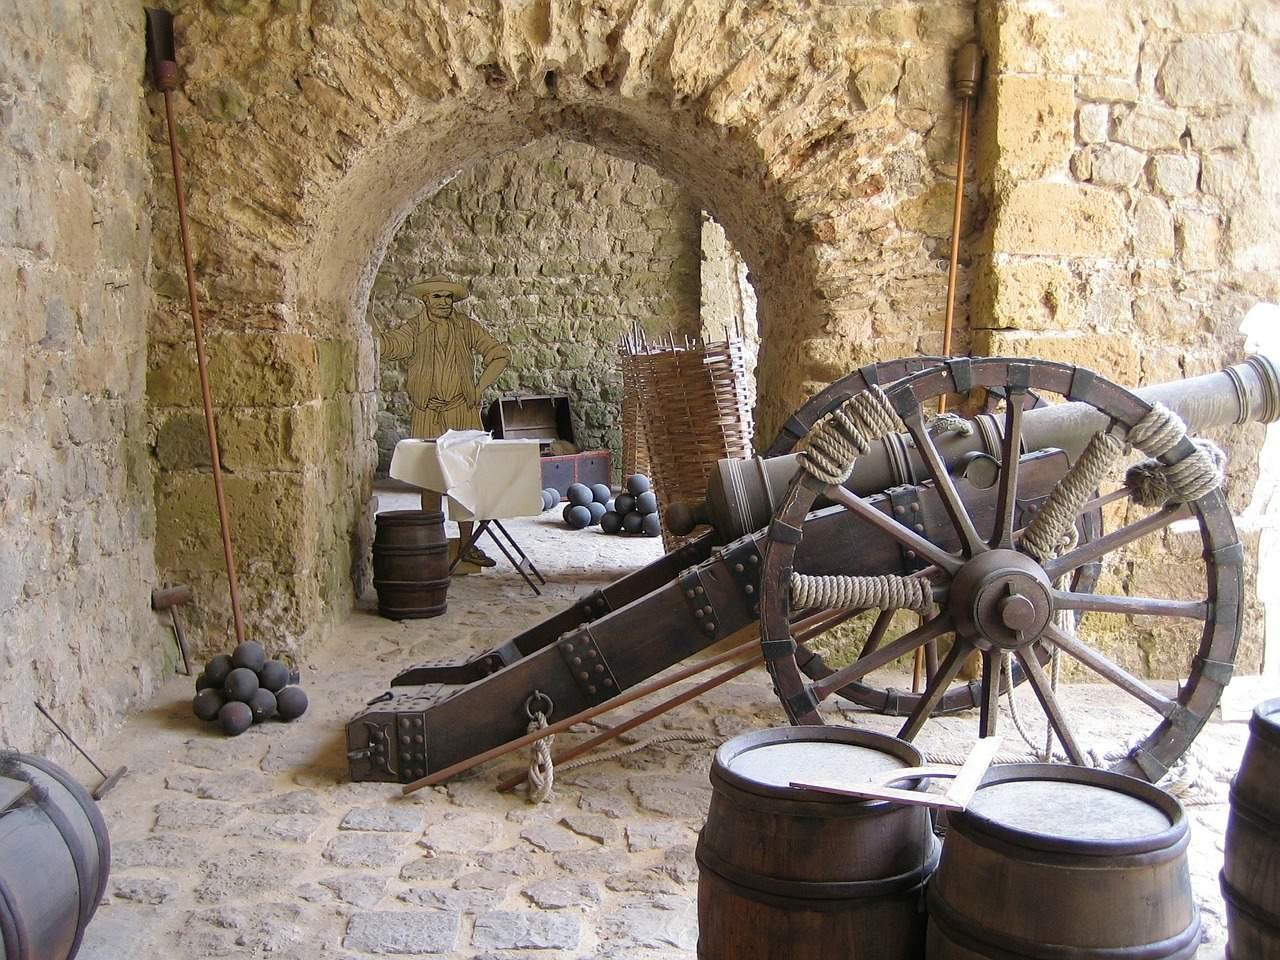 Bezienswaardigheid Ibiza Stad Oud kanon